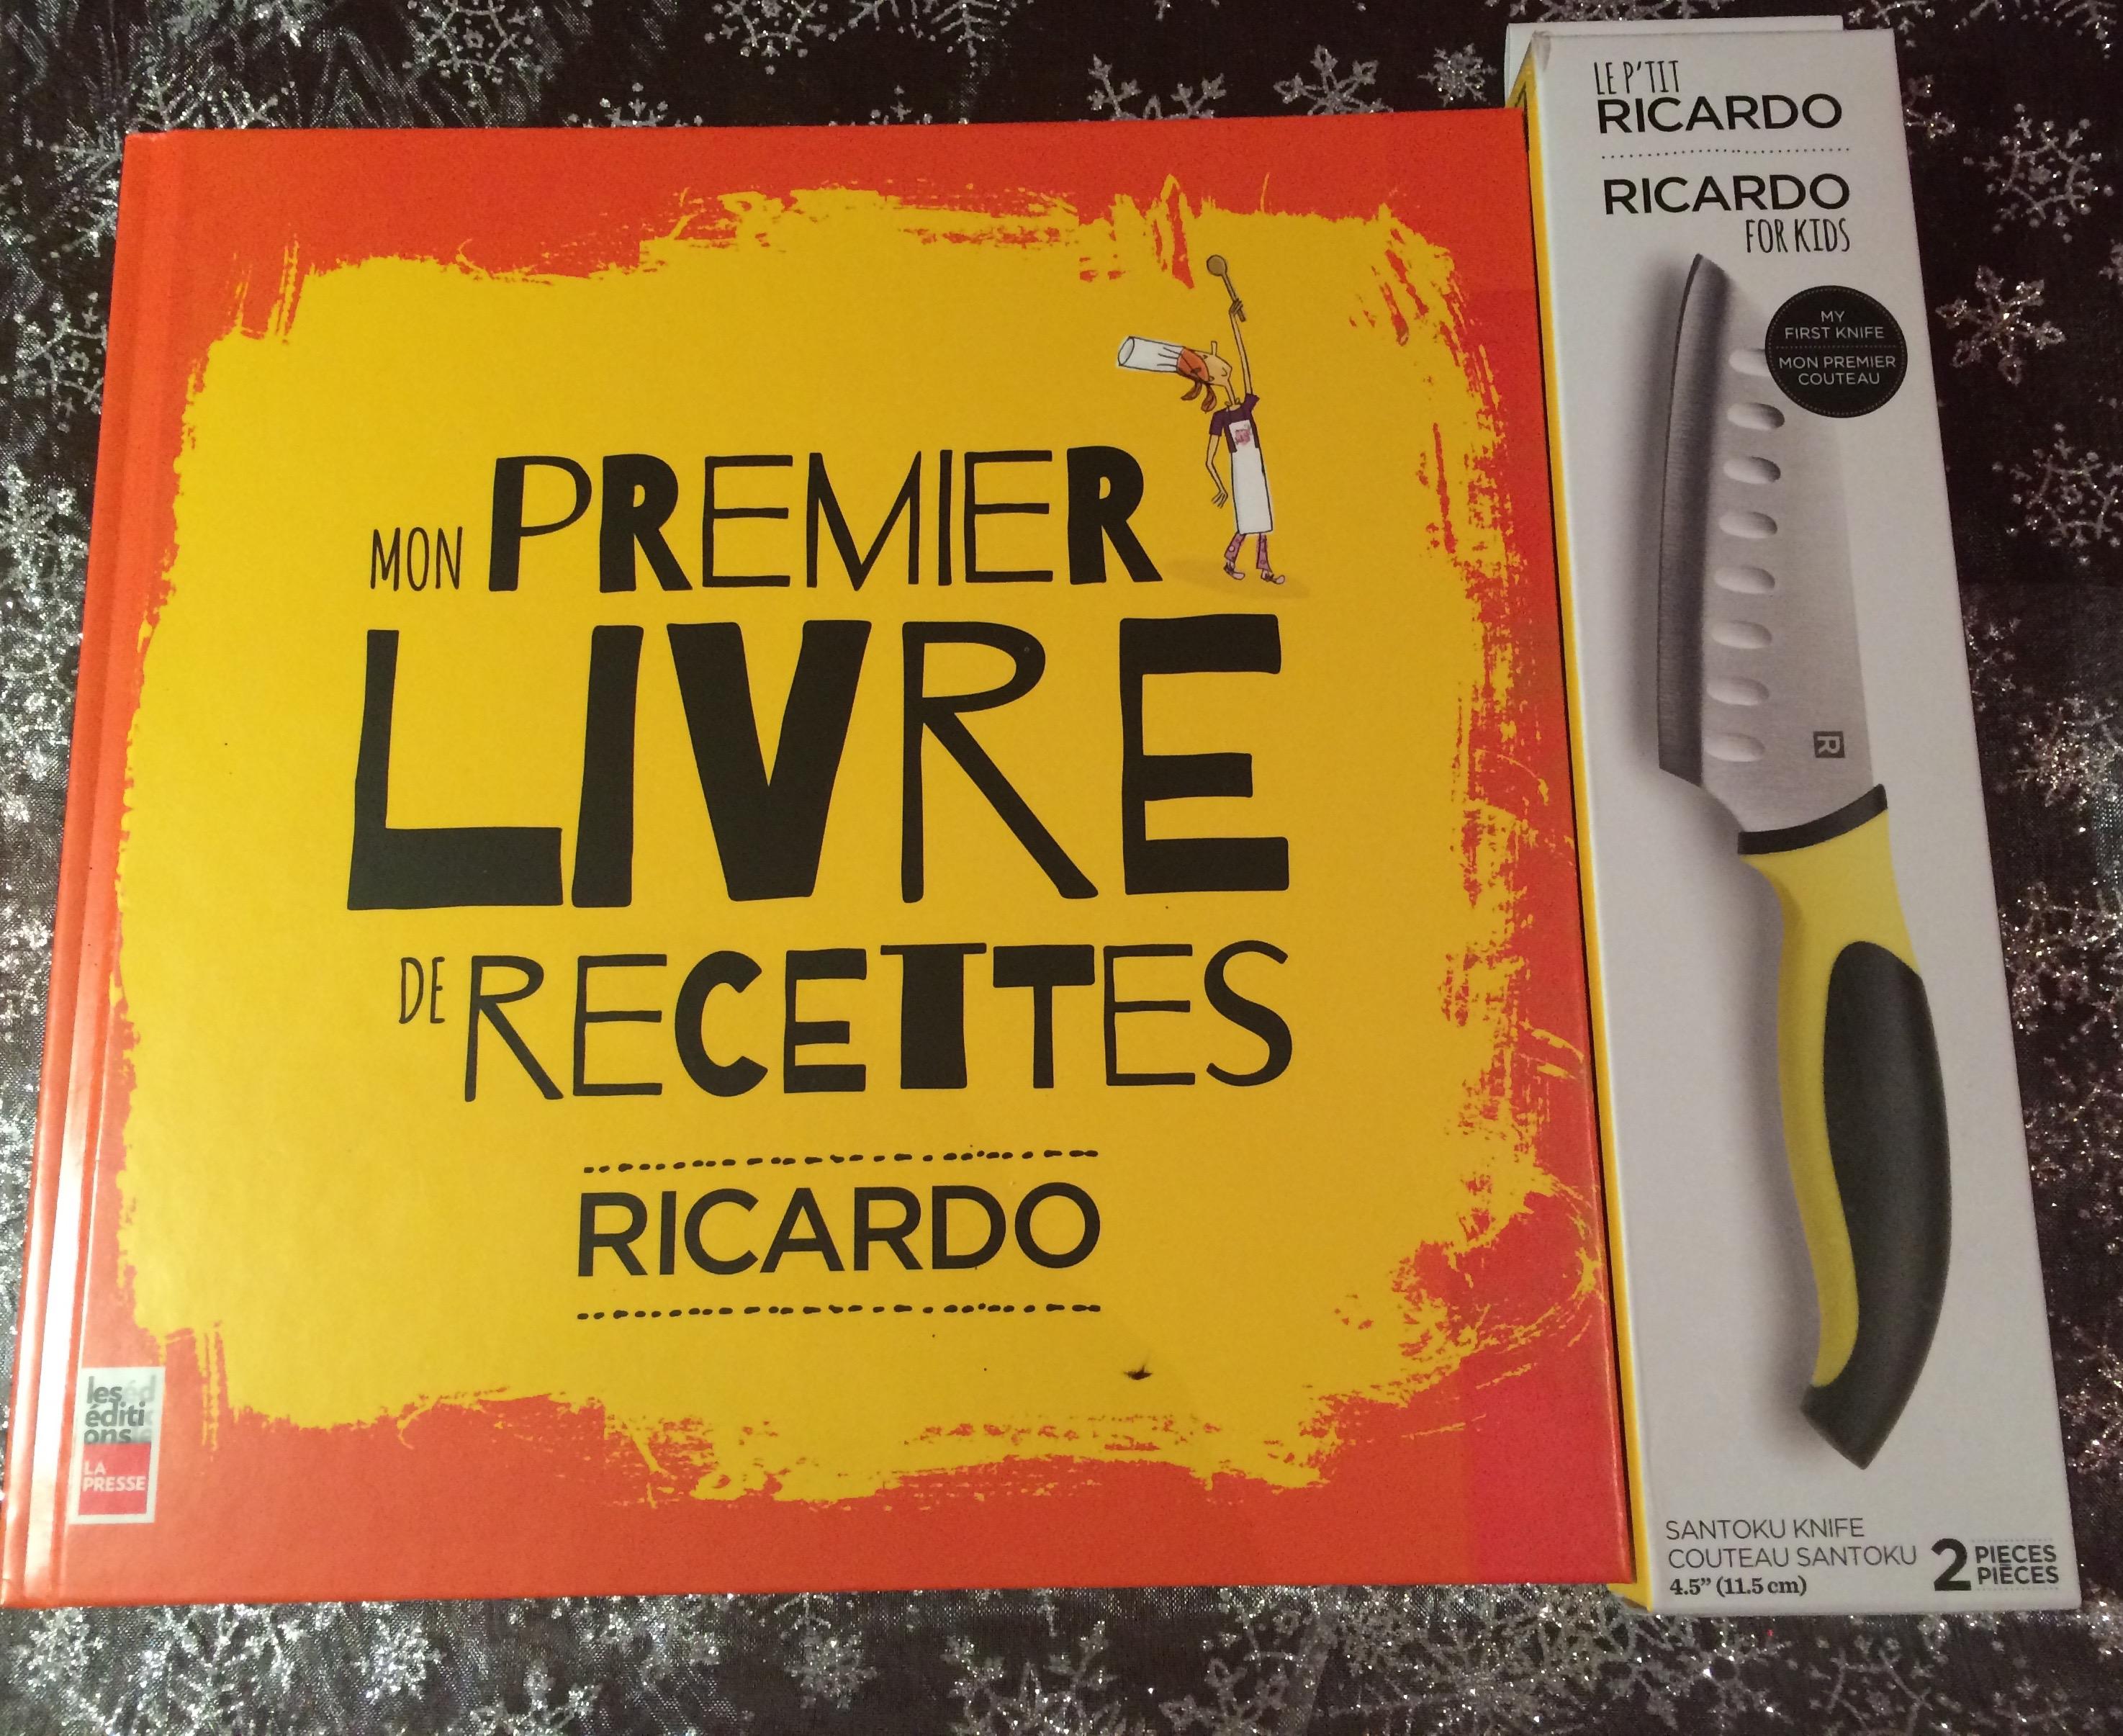 Mon premier Livre de Recettes « de Ricardo, aux éditions La Presse est  offert avec le couteau santoku Le P\u0027tit Ricardo quelle bonne idée !